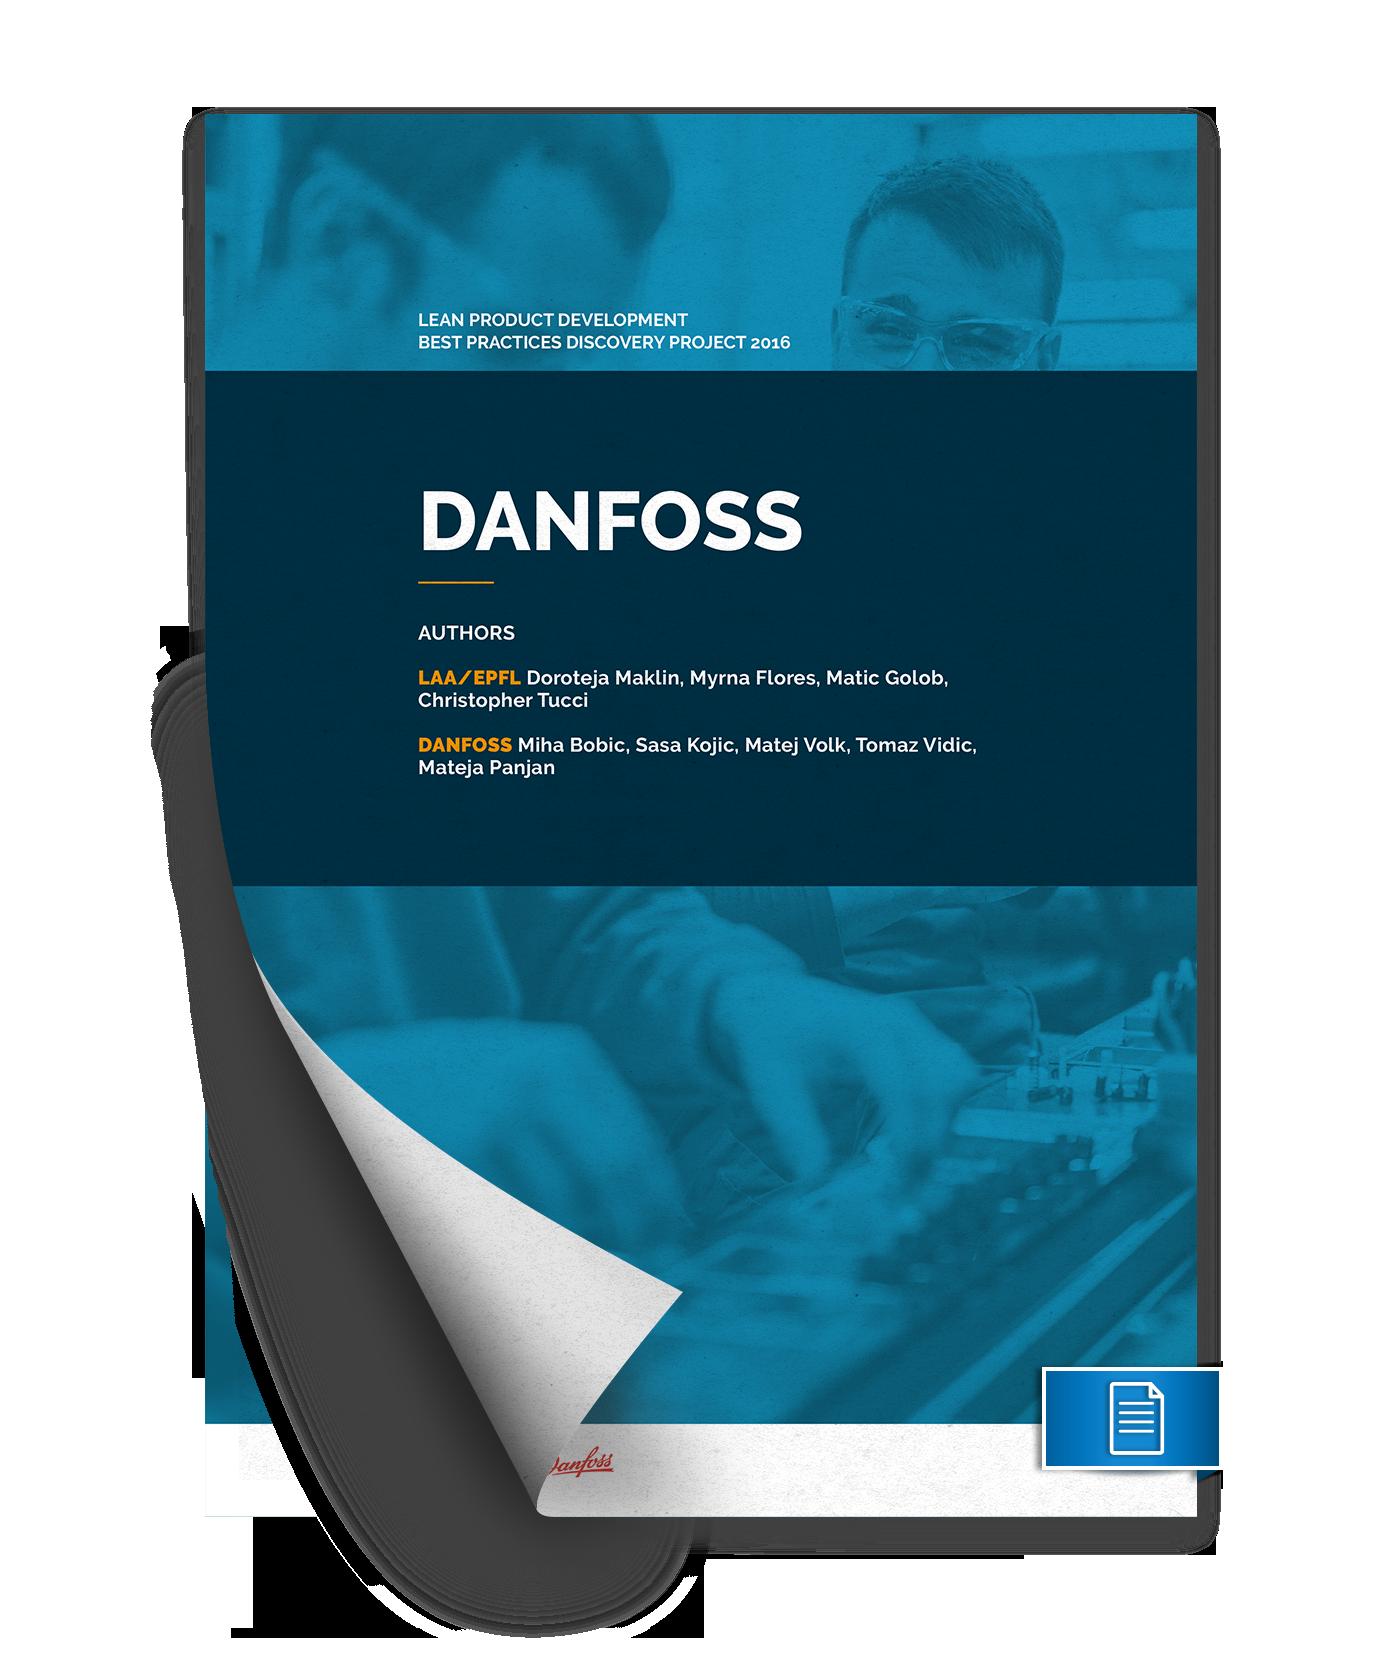 K-Library 13 - BPDP2016 Danfoss